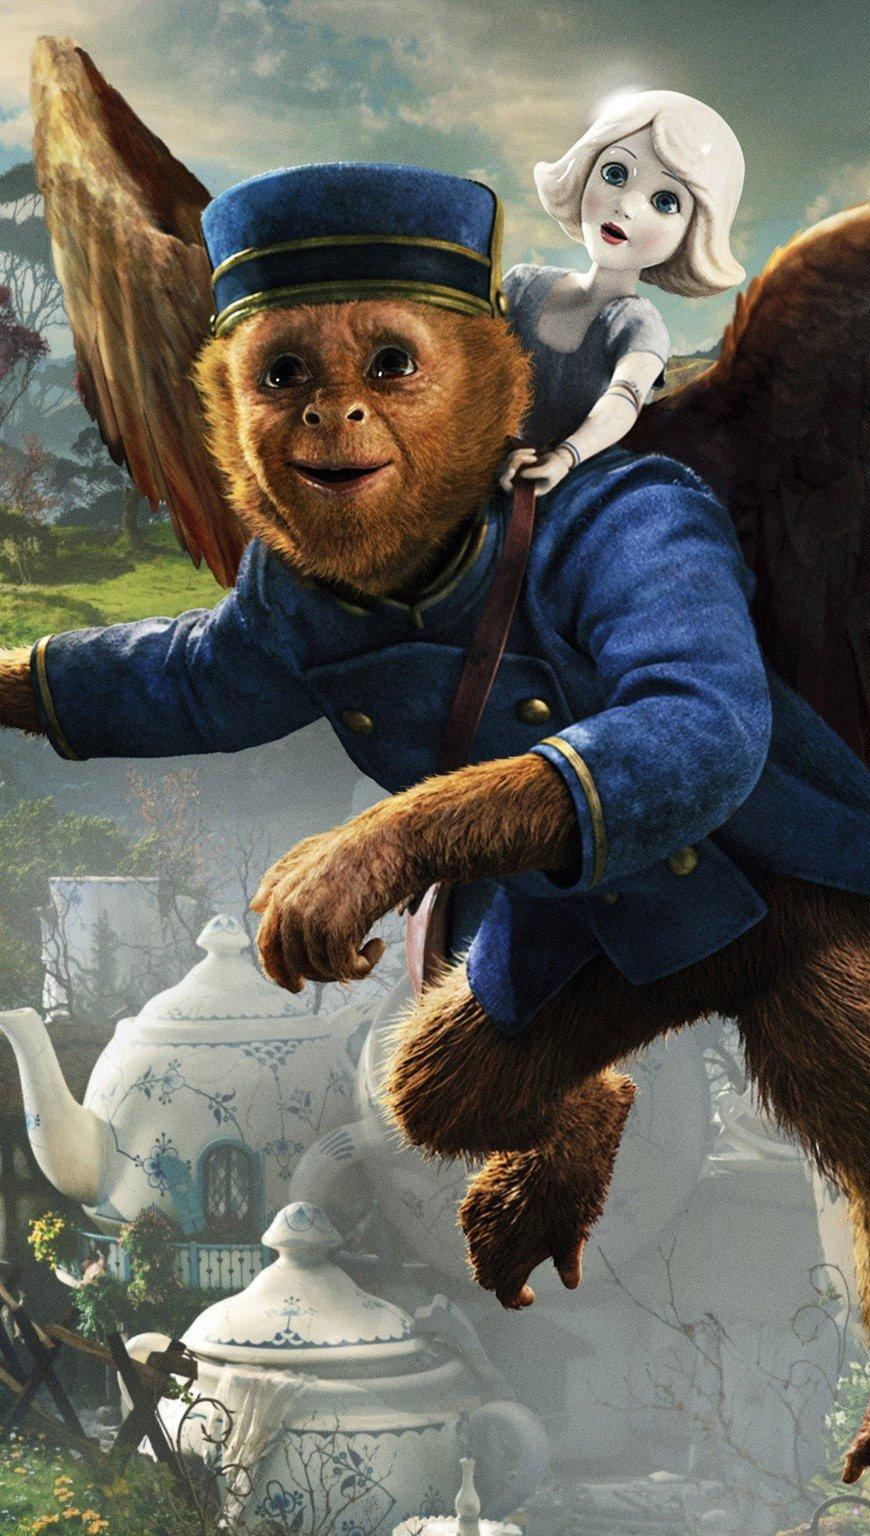 Fondos de pantalla Un mono volador y una muñeca Vertical